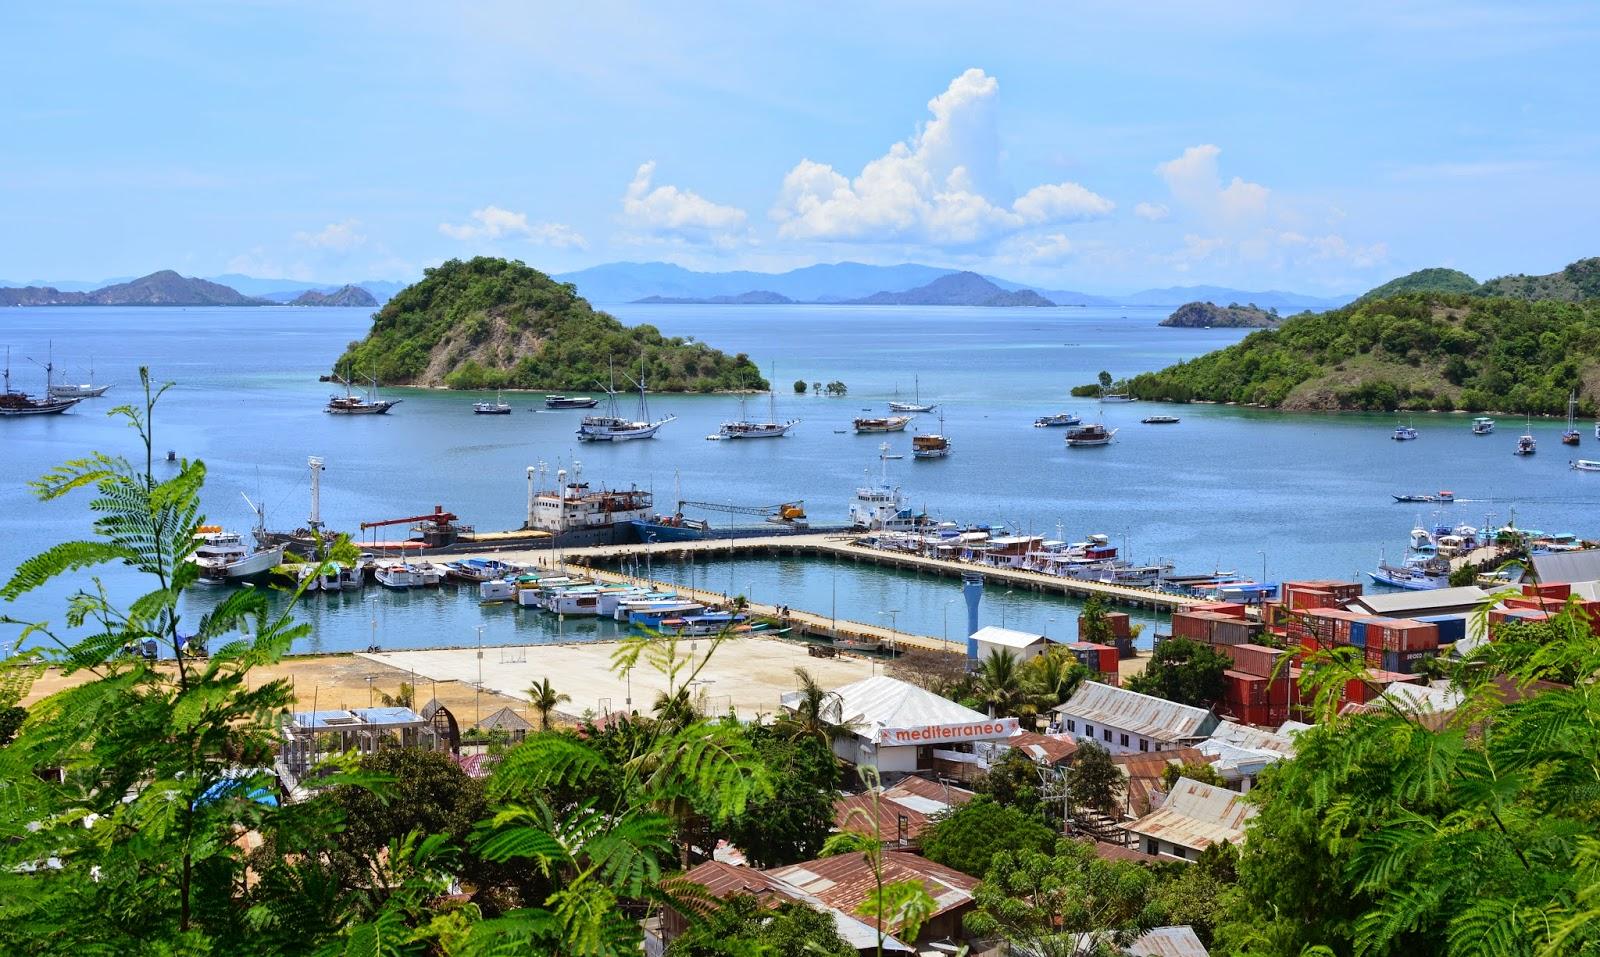 Το λιμάνι στο Labuan Bajo